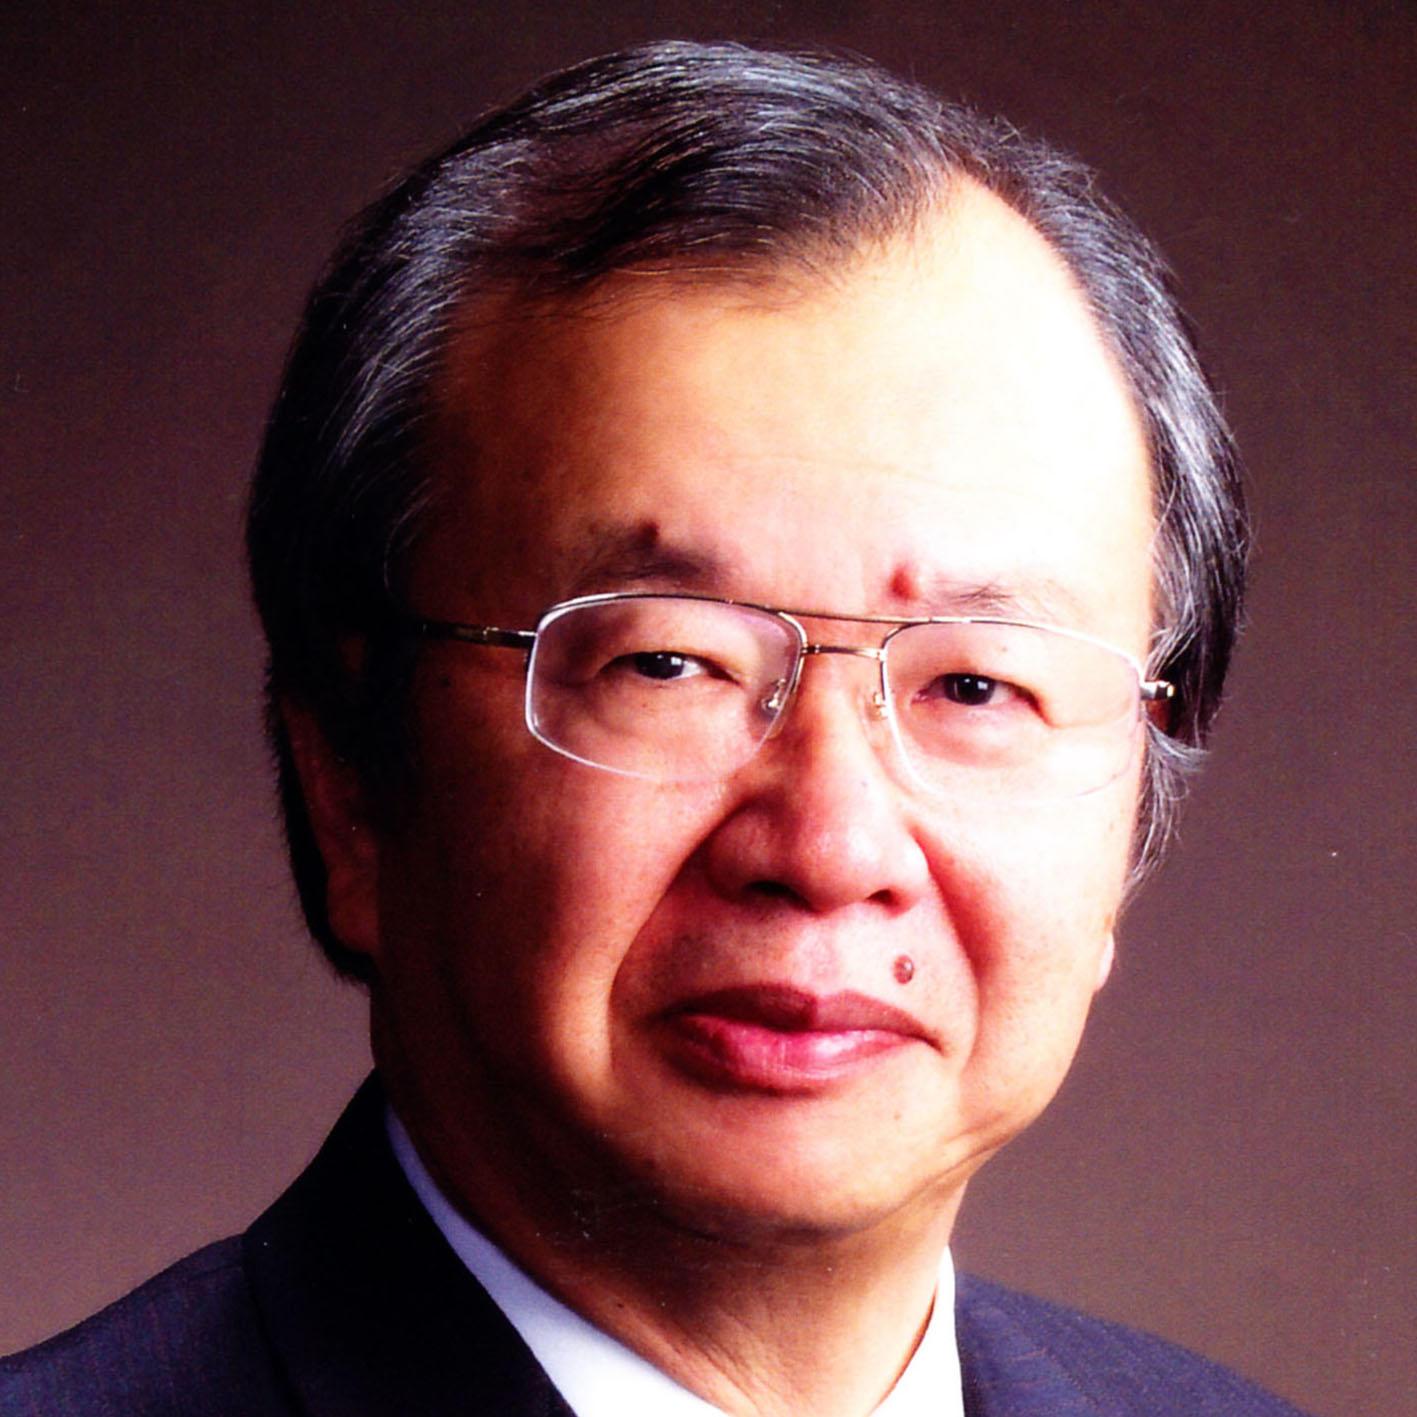 社会安全学部 第8回東京シンポジウム「首都直下地震・南海トラフ巨大地震へ備えよ!~熊本地震から得た教訓を踏まえて~」を開催します! -- 関西大学